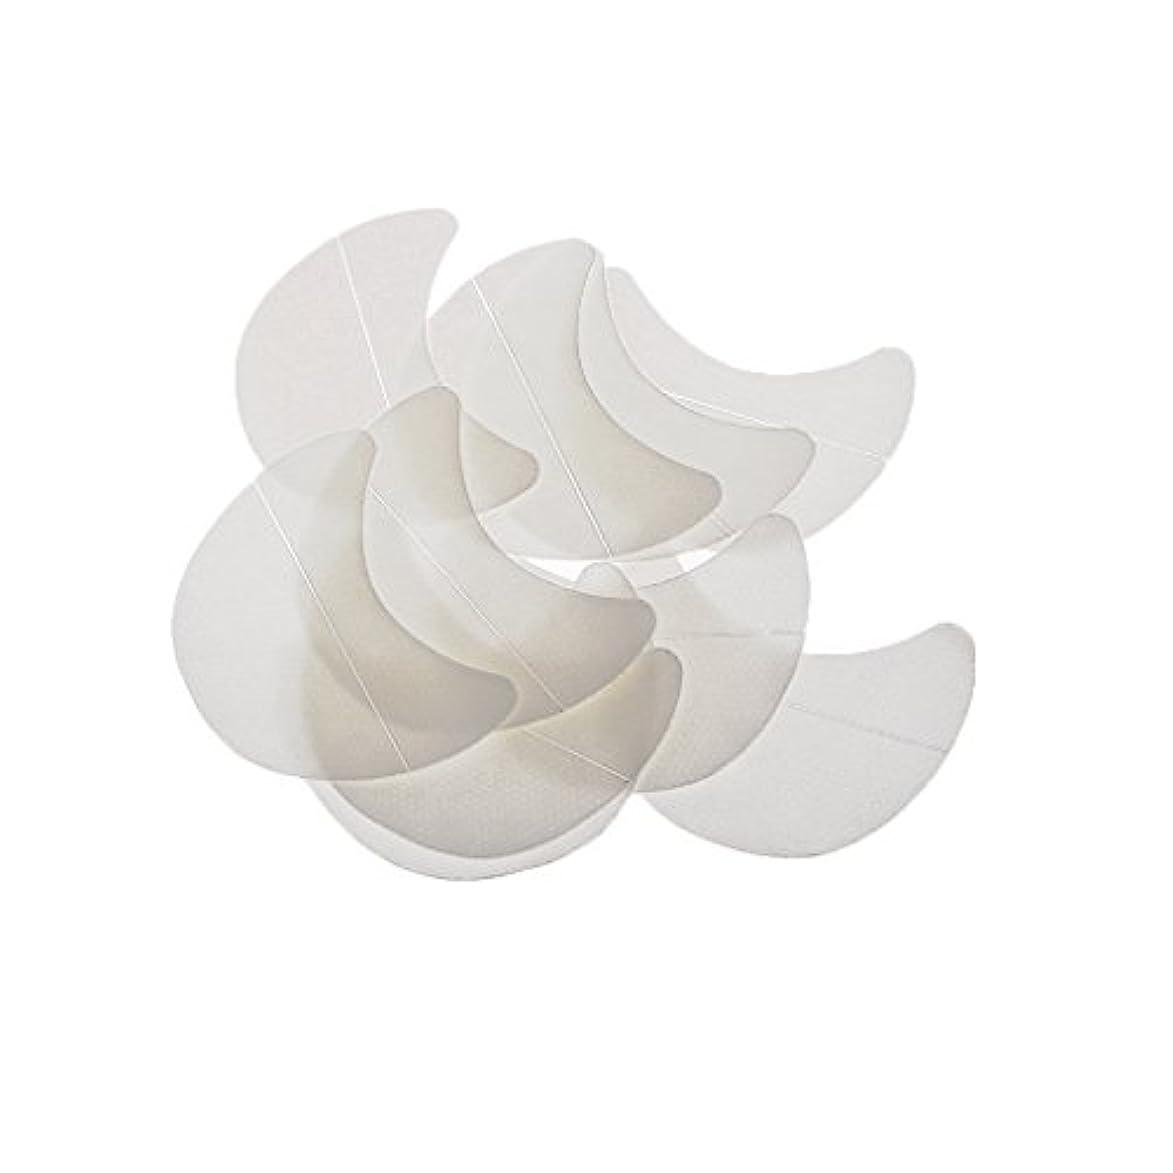 意図的心理的に警報Kimyuo アイパッドの下の10個の紙のパッチまつげエクステンションのヒントステッカーラップ化粧